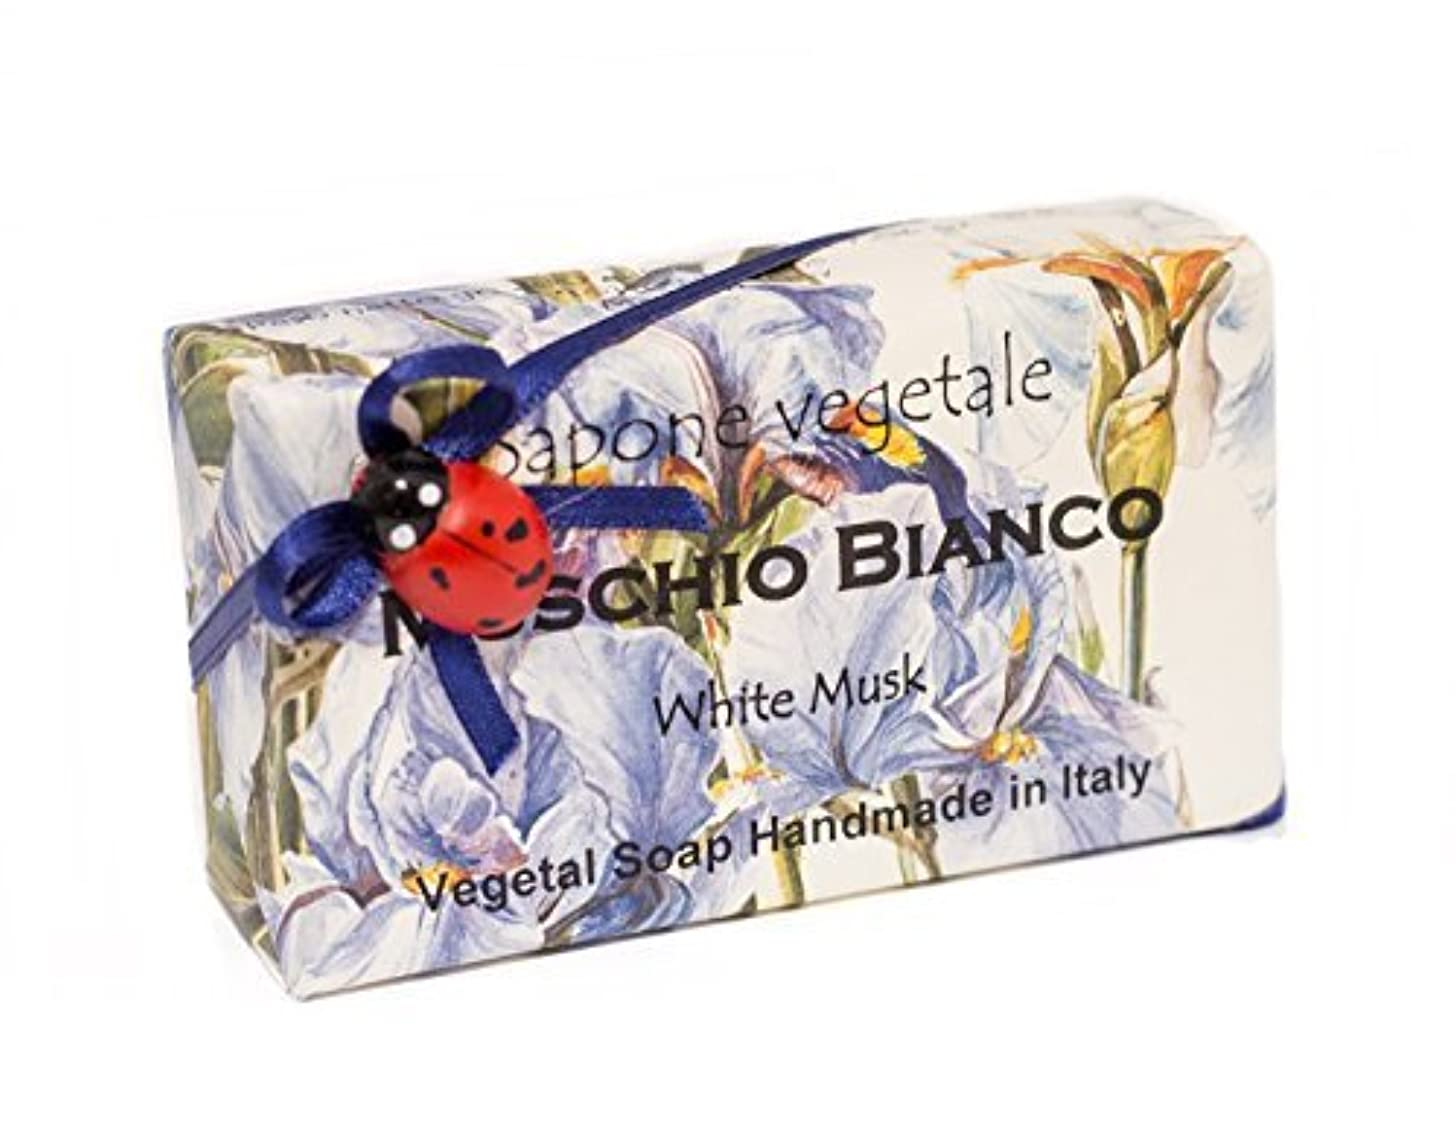 ペフ娘スーパーAlchimia 高級ギフトボックス付きMuschioビアンコ(WHTEムスク)、イタリアからの野菜の手作り石鹸バー、 [並行輸入品]